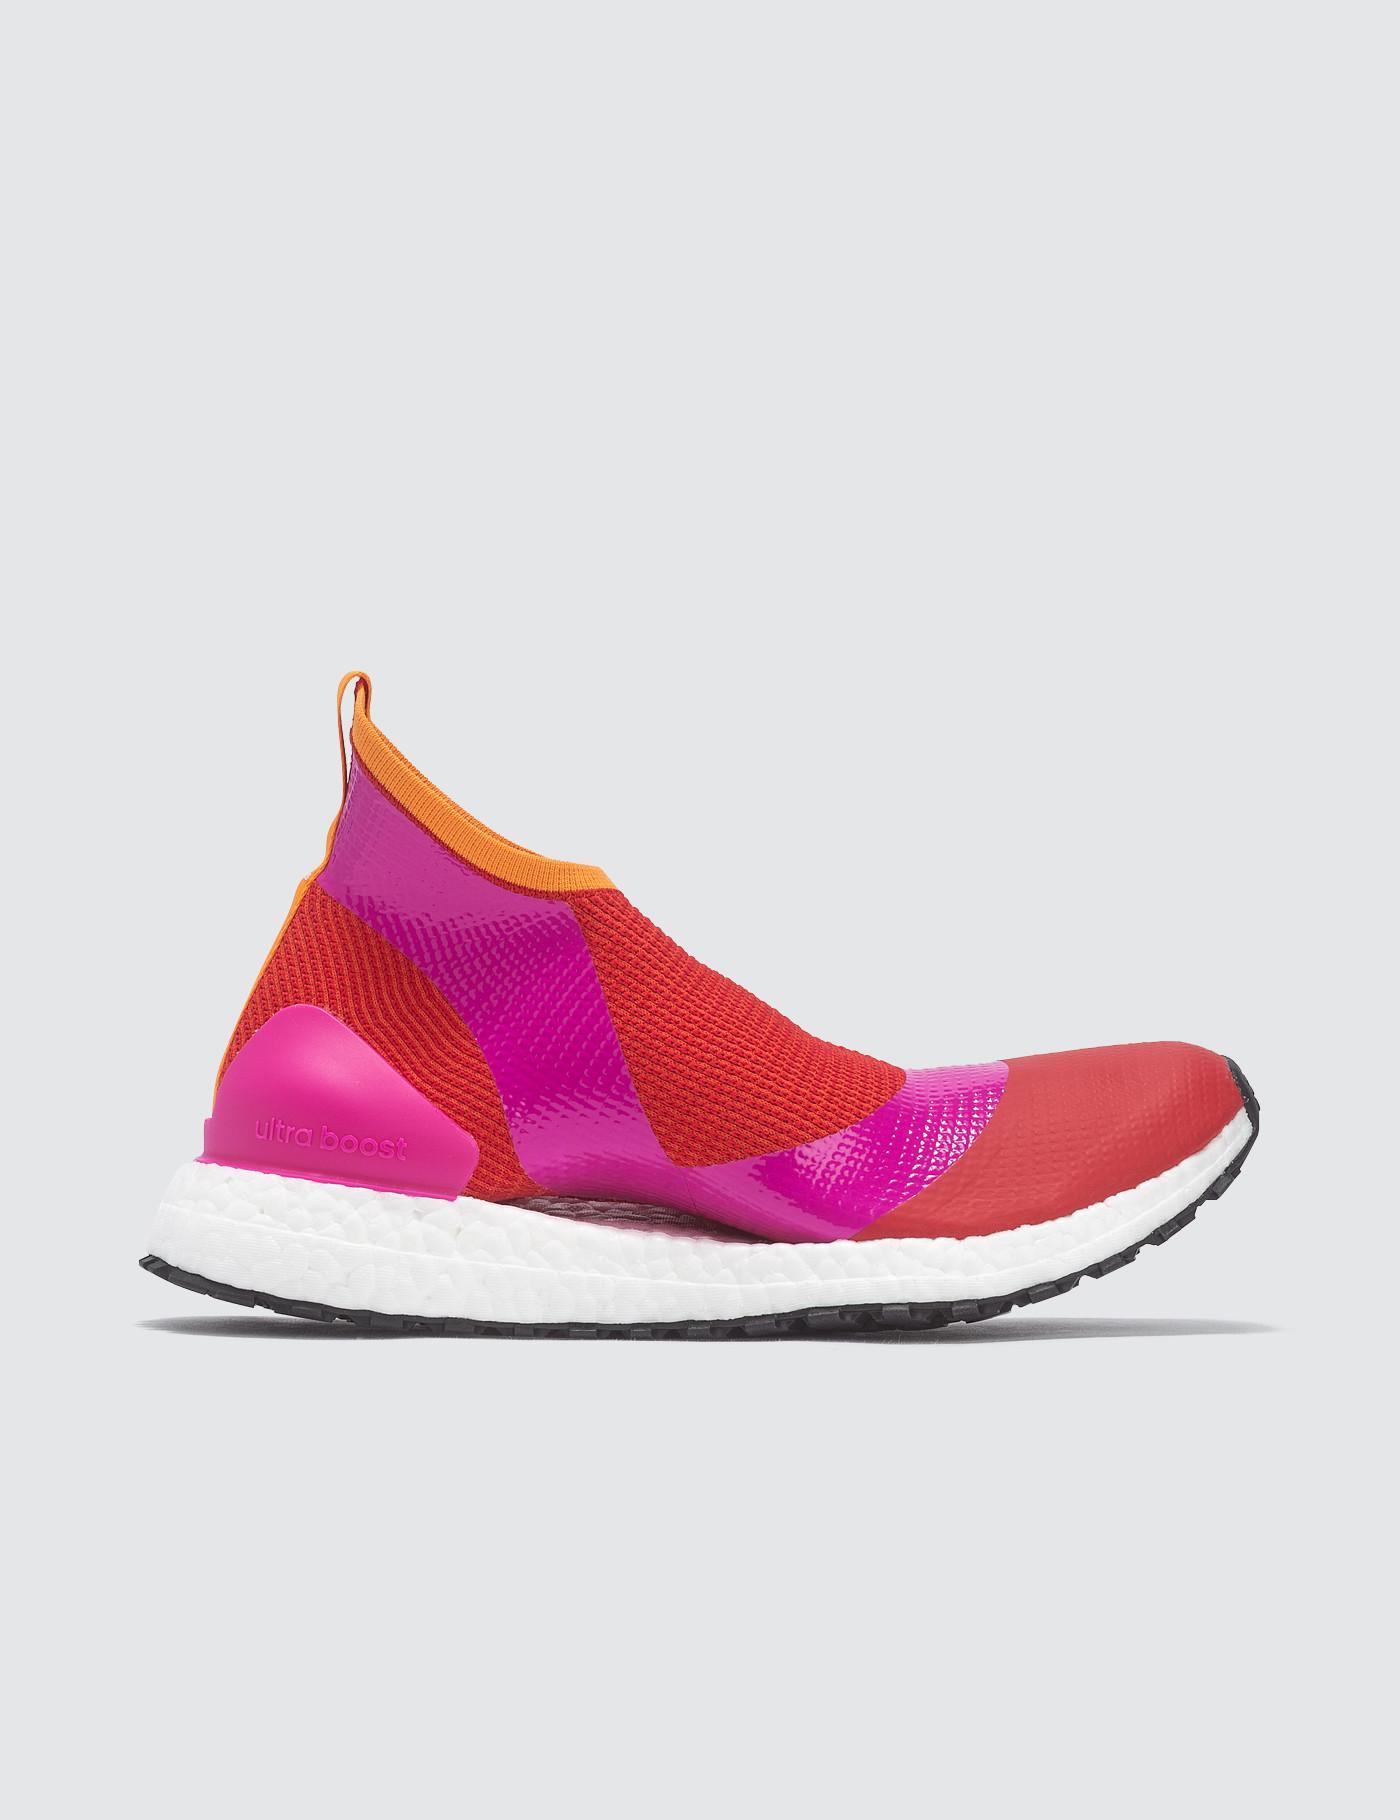 a1ad82075ce93 Lyst - adidas By Stella McCartney Ultraboost X Atr in Pink